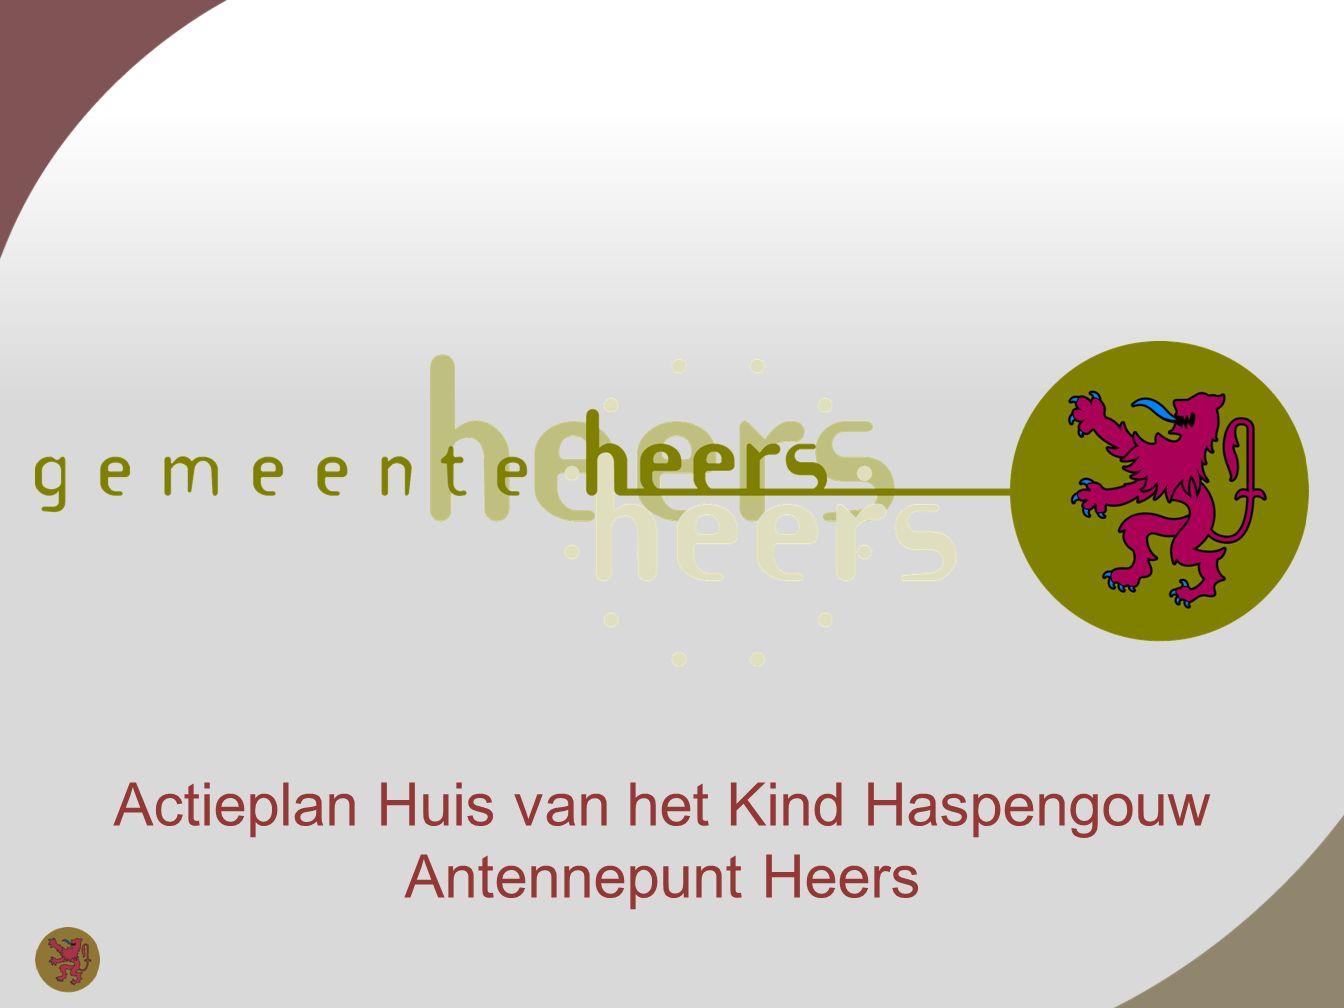 Actieplan Huis van het Kind Haspengouw Antennepunt Heers 4.